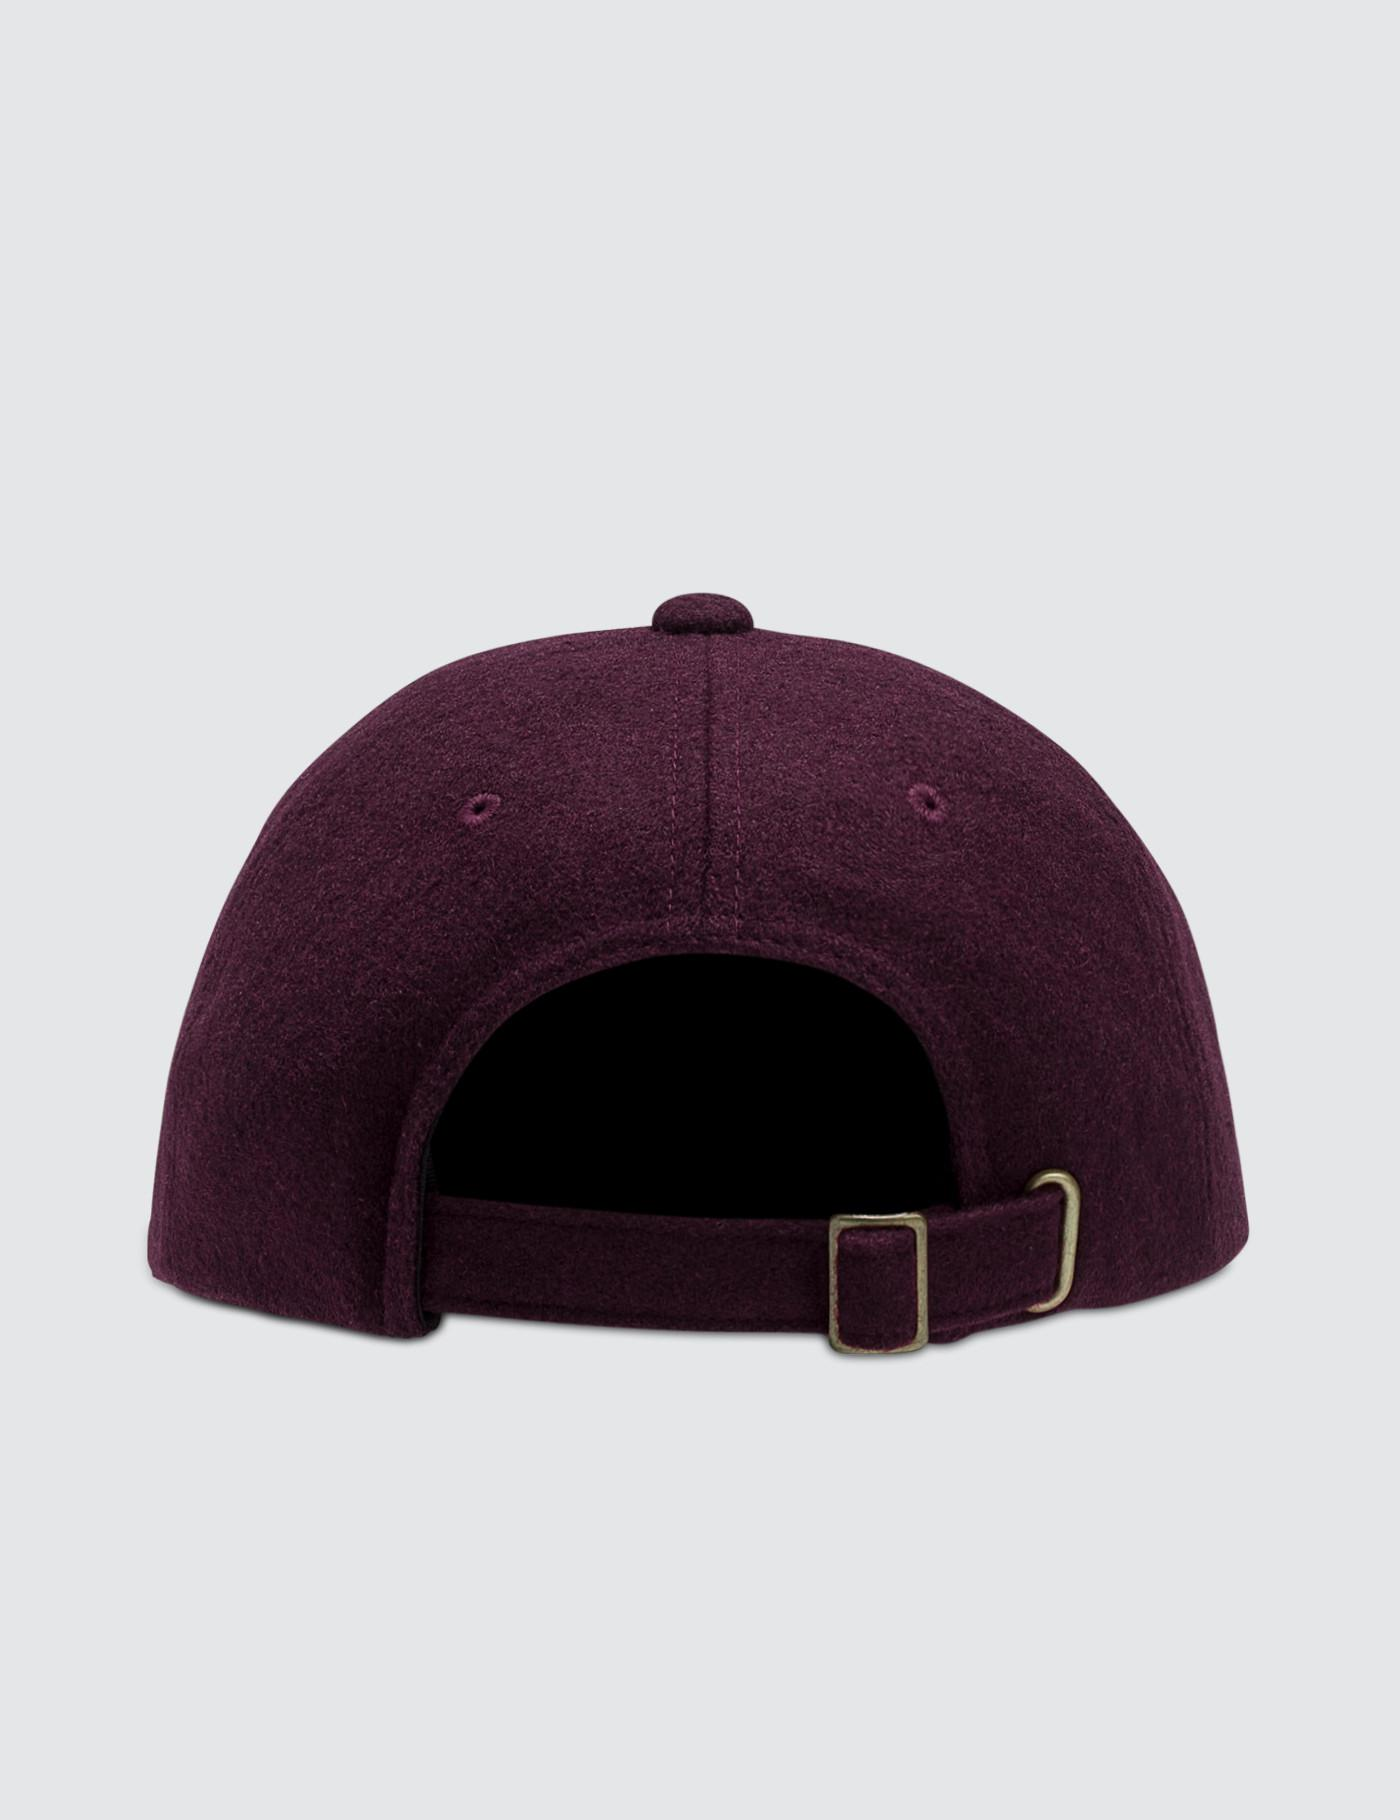 5e7a861fd77 Lyst - Stussy Stock Wool Low Pro Cap in Purple for Men